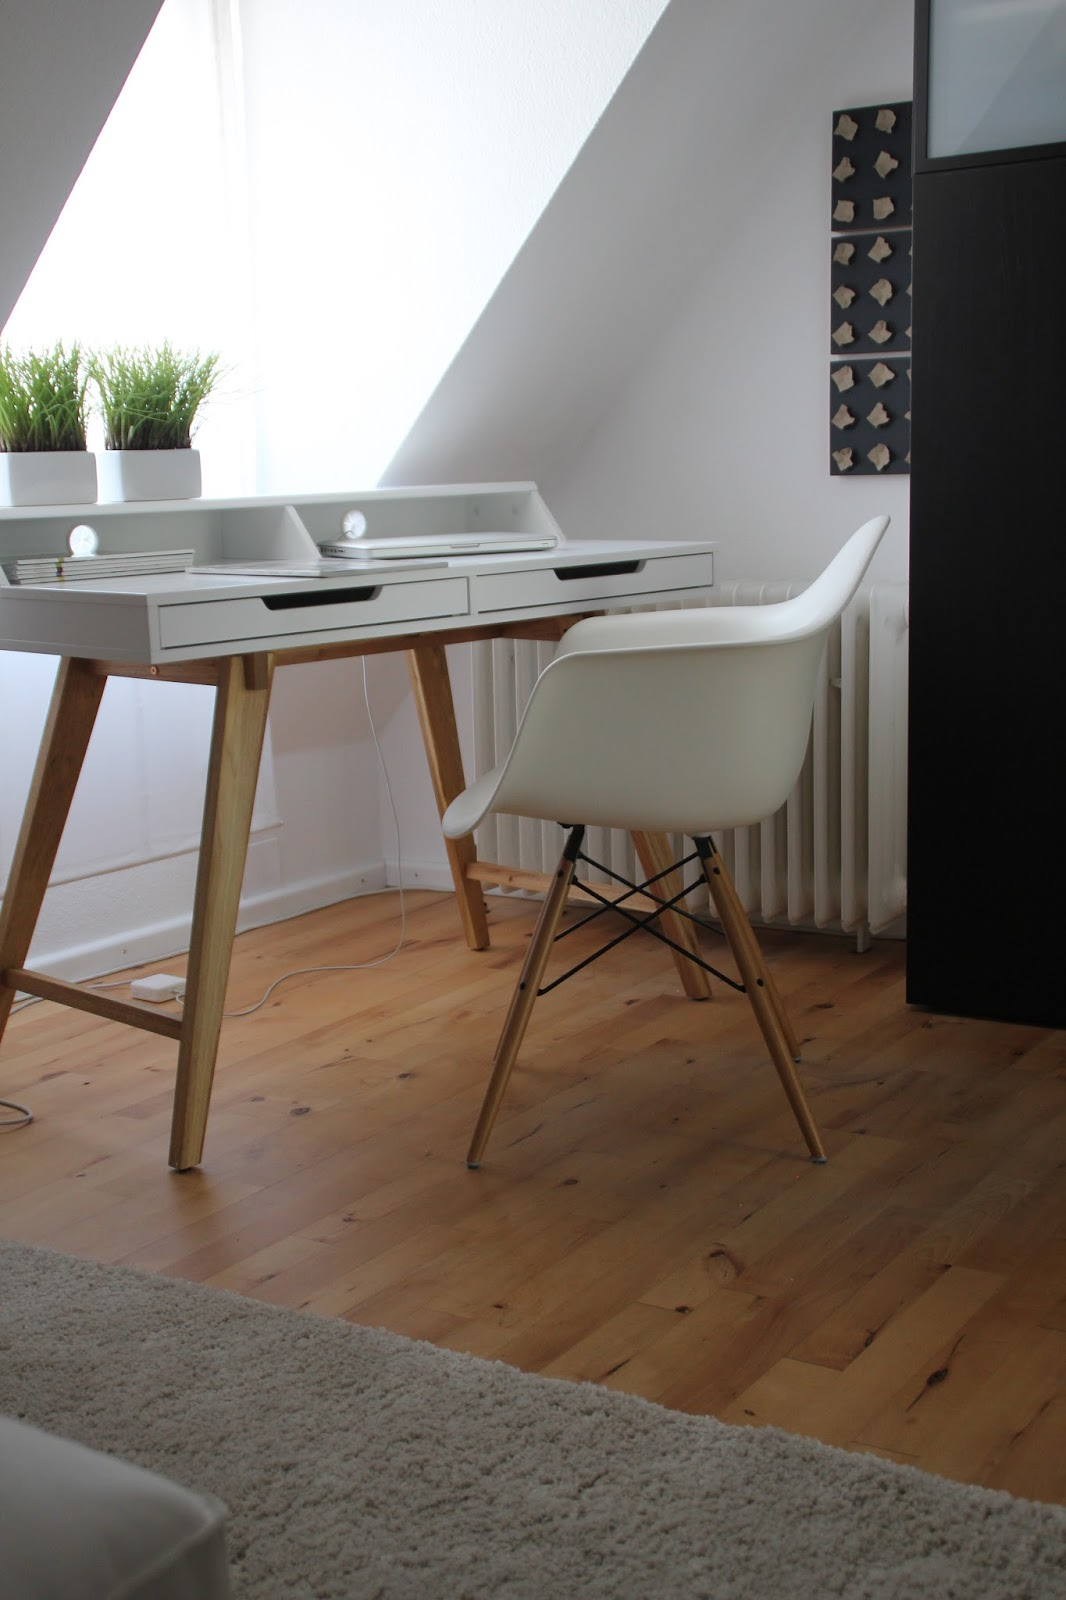 endlich ist er da mein neuer kleiner schreibtisch deko. Black Bedroom Furniture Sets. Home Design Ideas